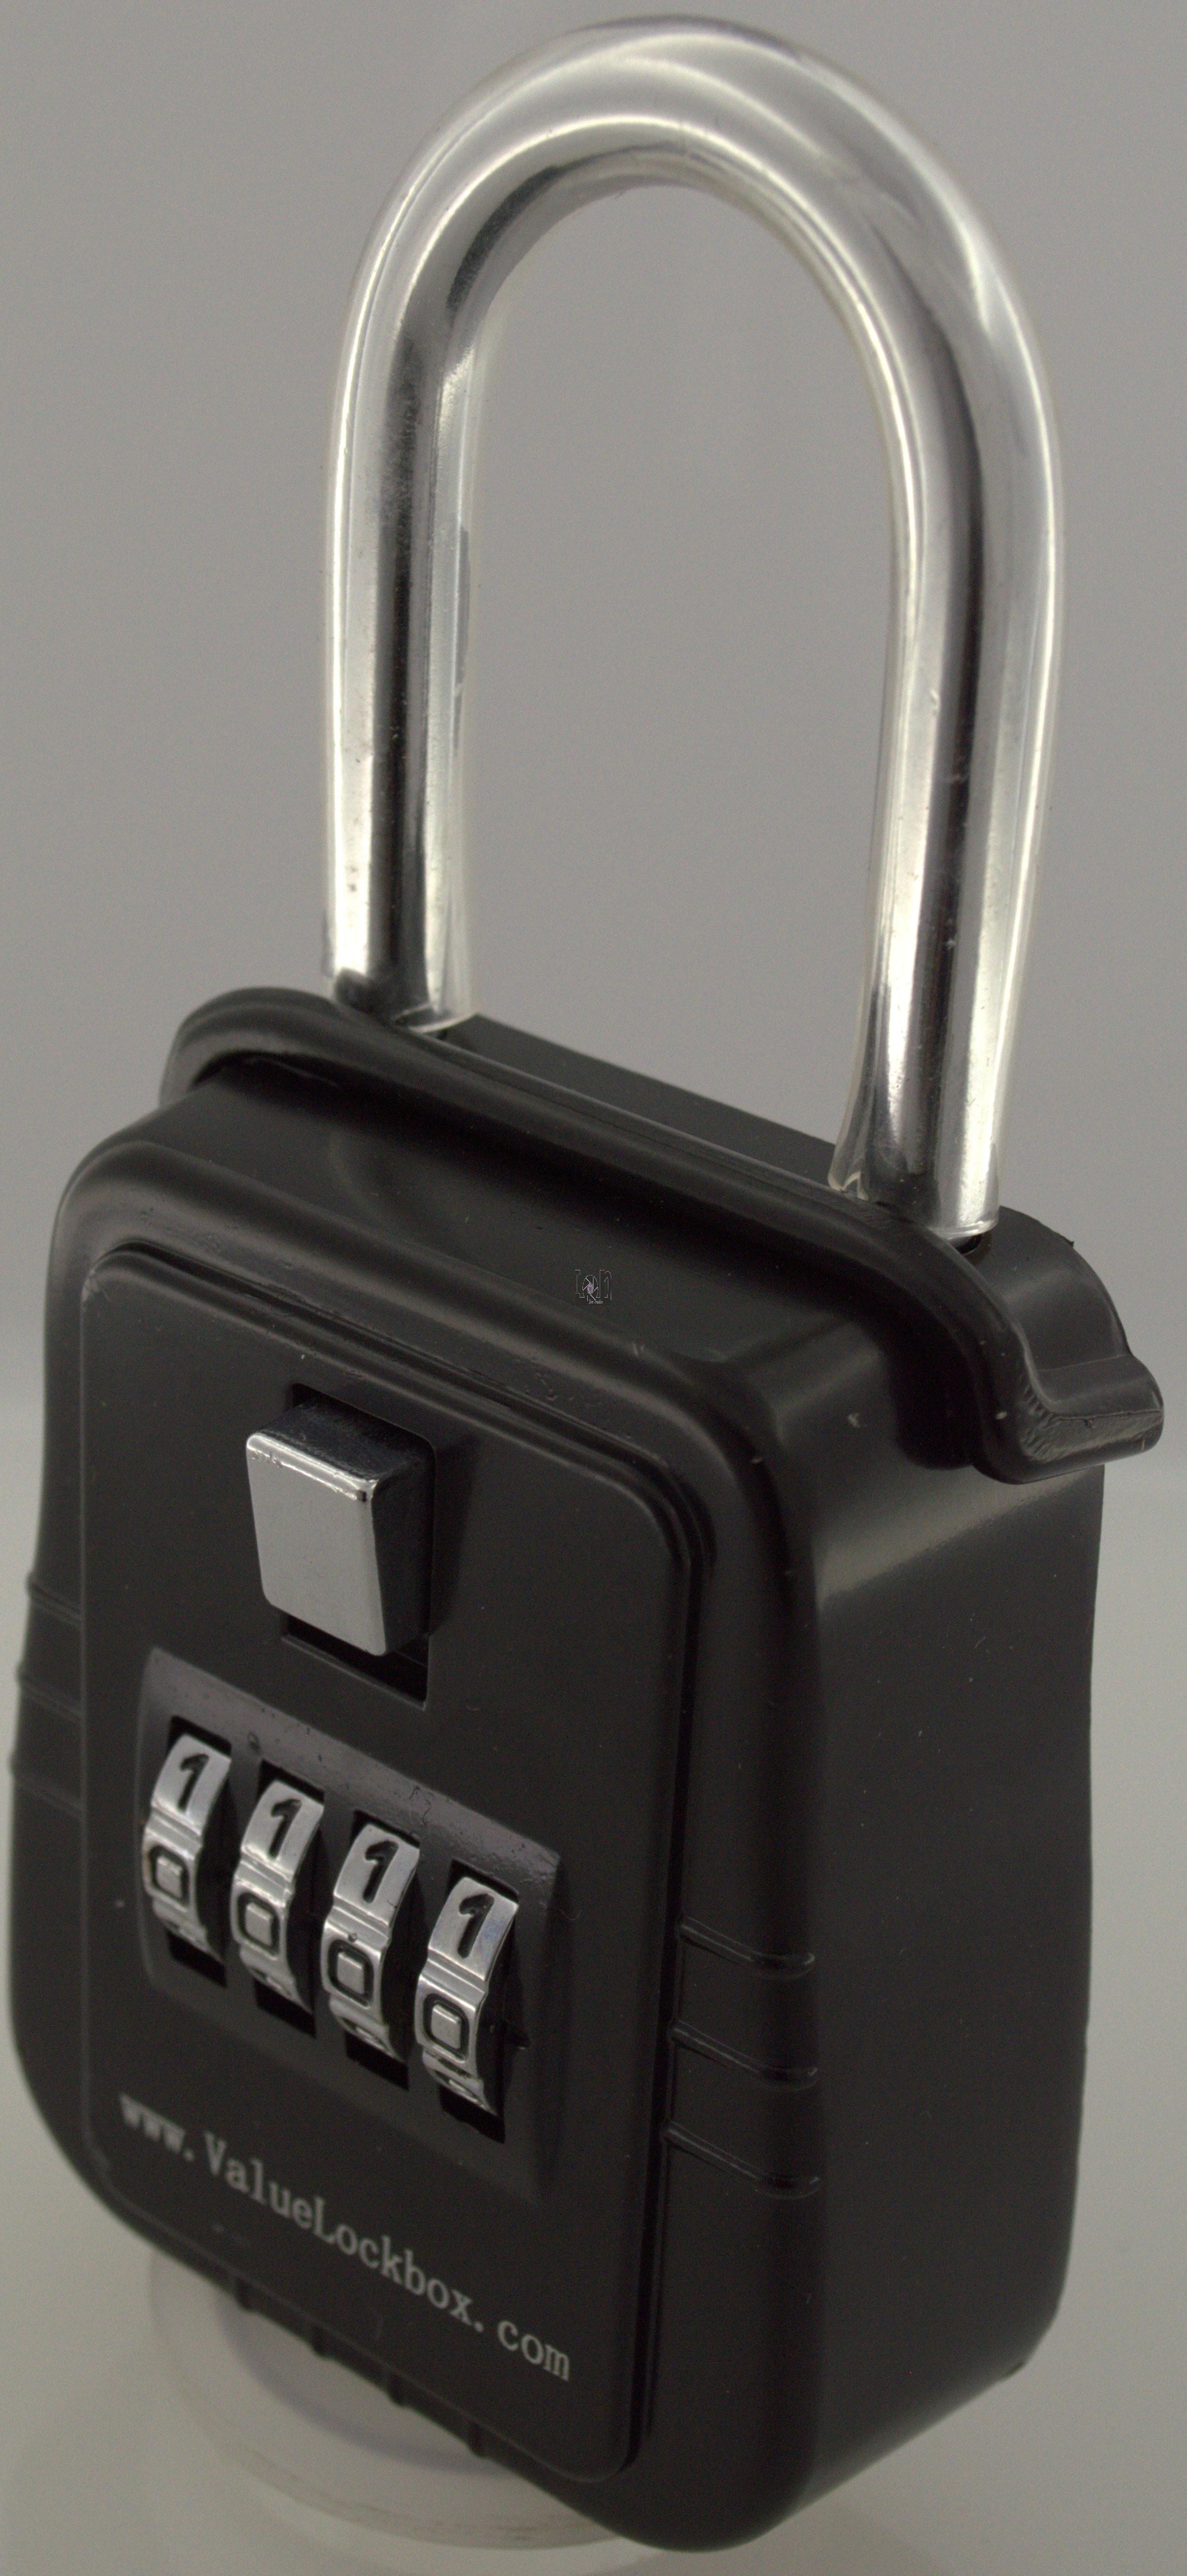 4-Dial Combination Realtor Lock Box Door Key Shackle